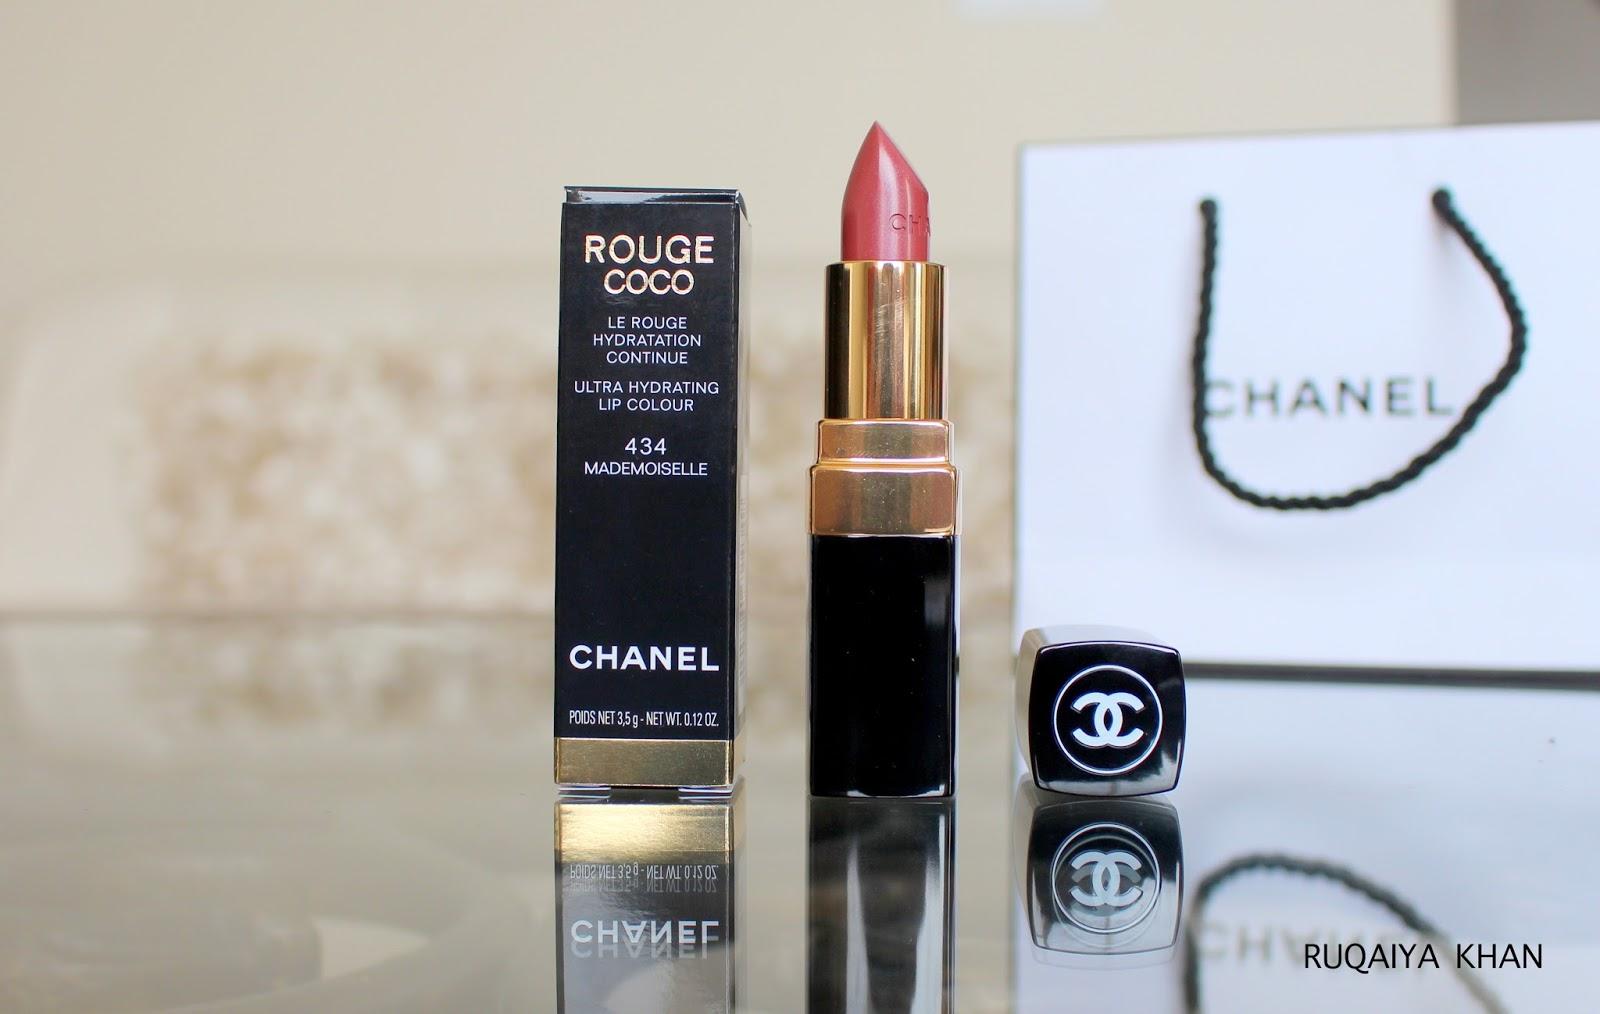 682b33ecdc Ruqaiya Khan: CHANEL ROUGE COCO Ultra Hydrating Lip Colour in 434 ...